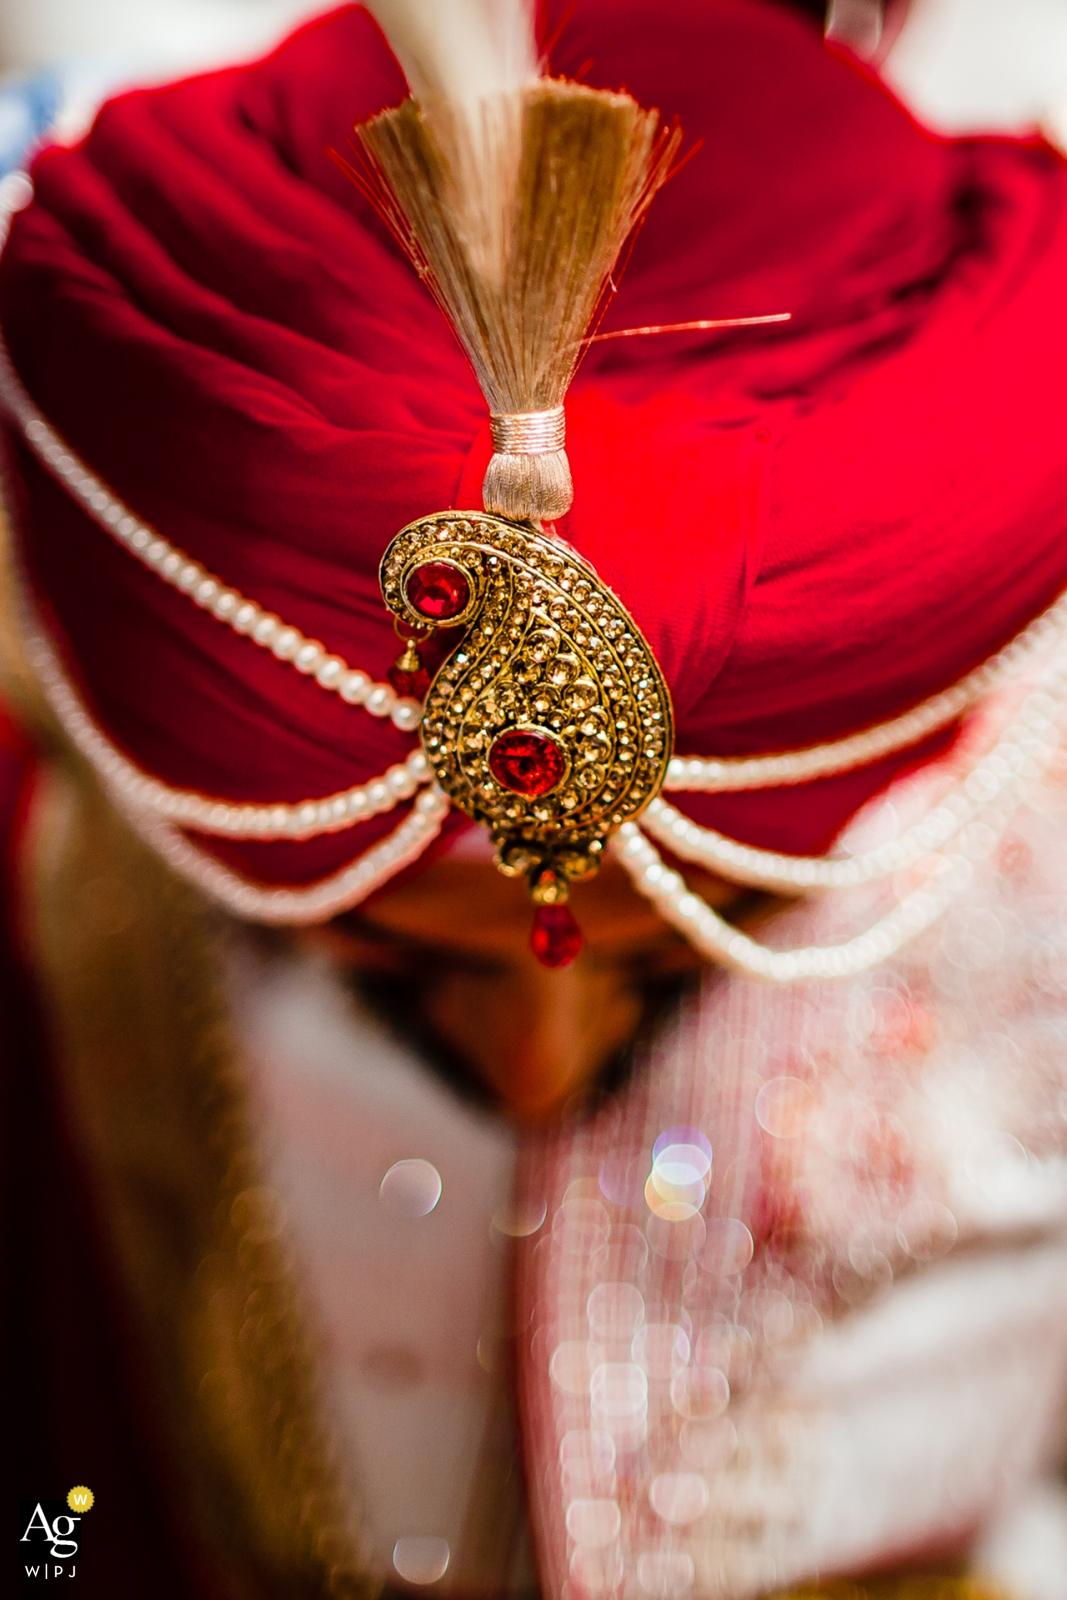 Dettaglio del fotografo creativo artistico della California del turbante dello sposo